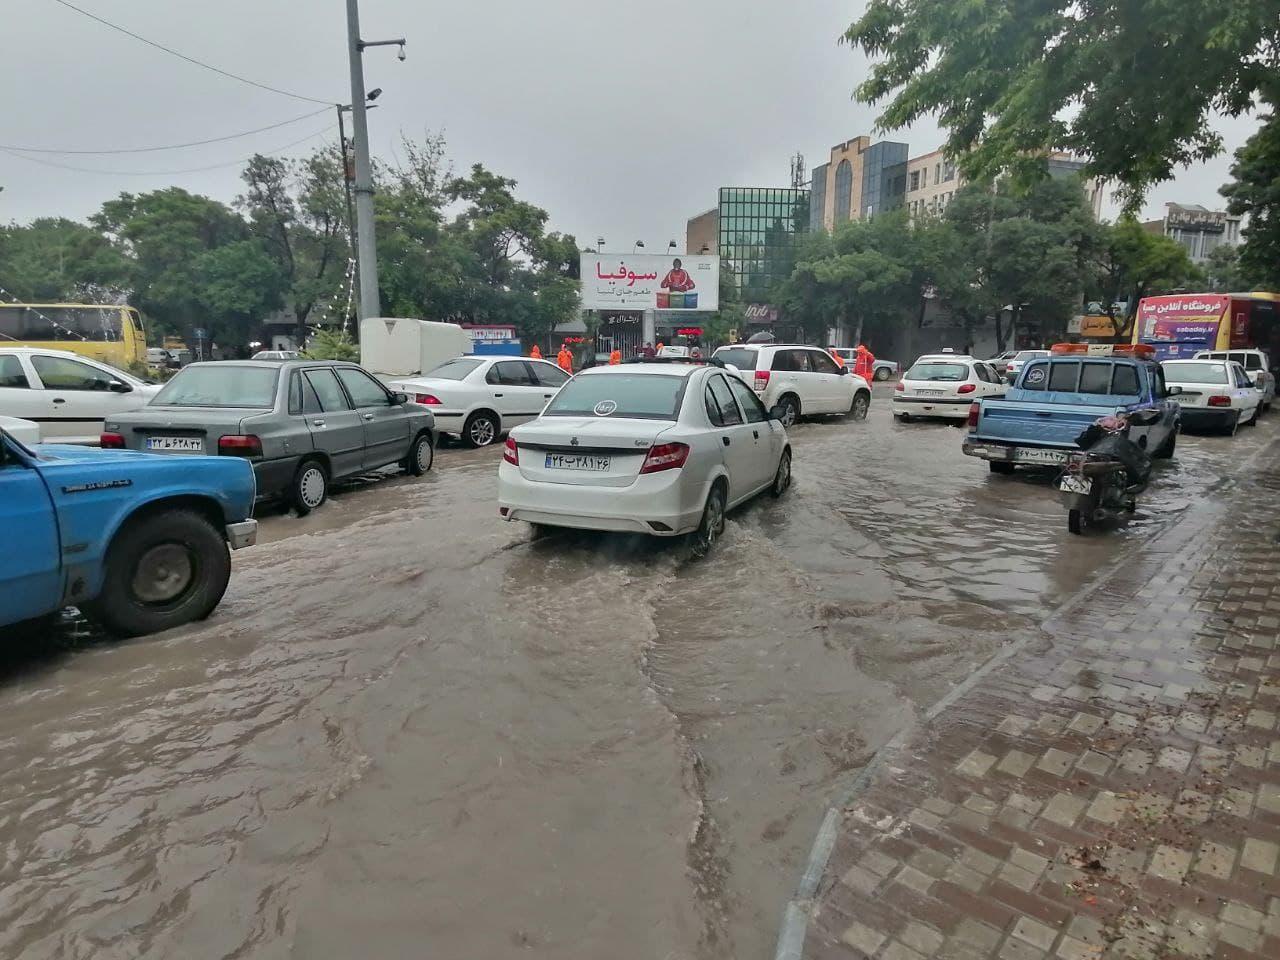 داستان تکراری آبگرفتگی خیابان های اصلی شهر بجنورد پس از بارش باران|2839084